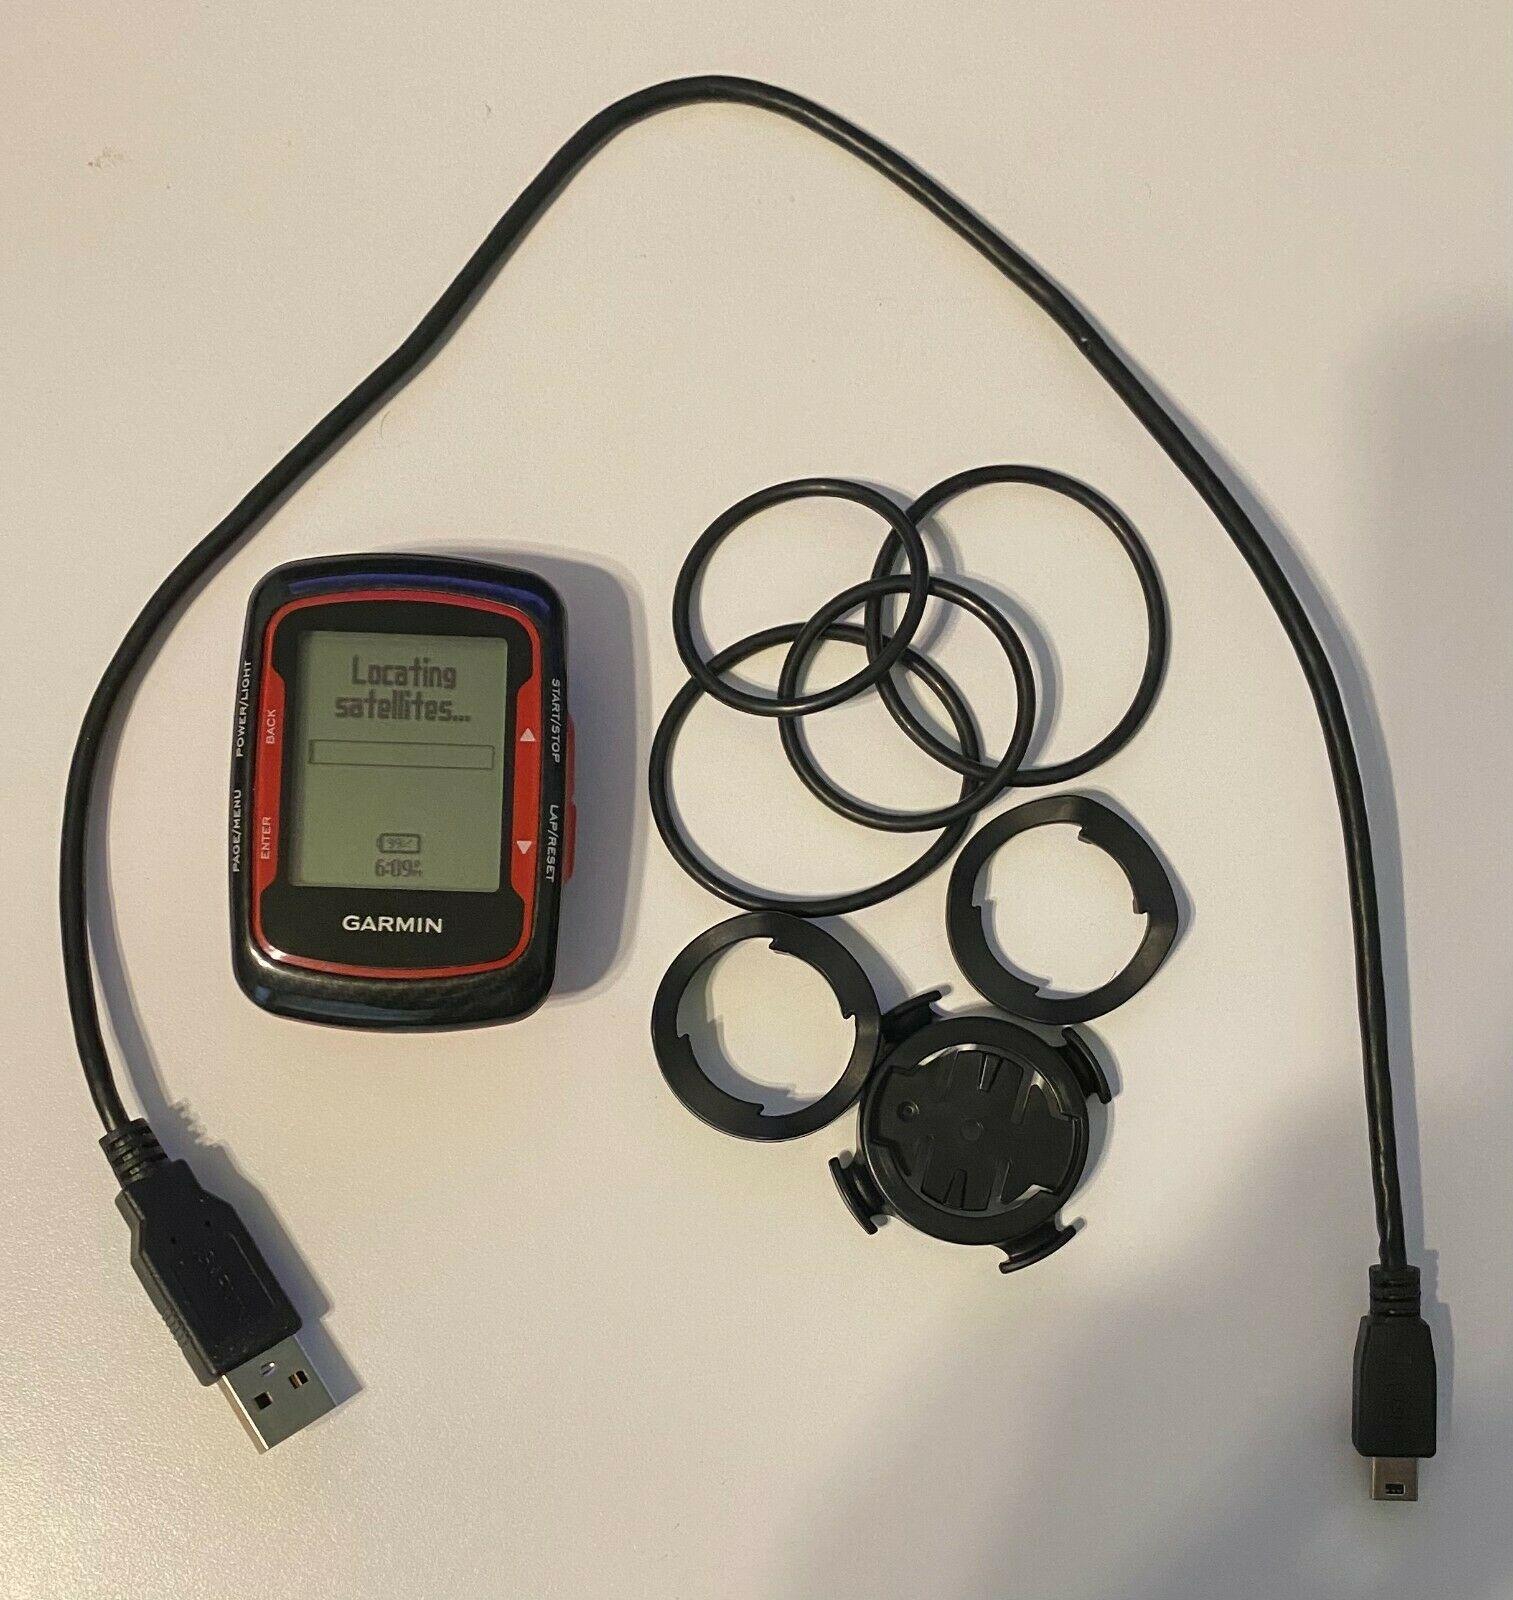 Garmin Edge 500 Gps Bike Computer - $74.99